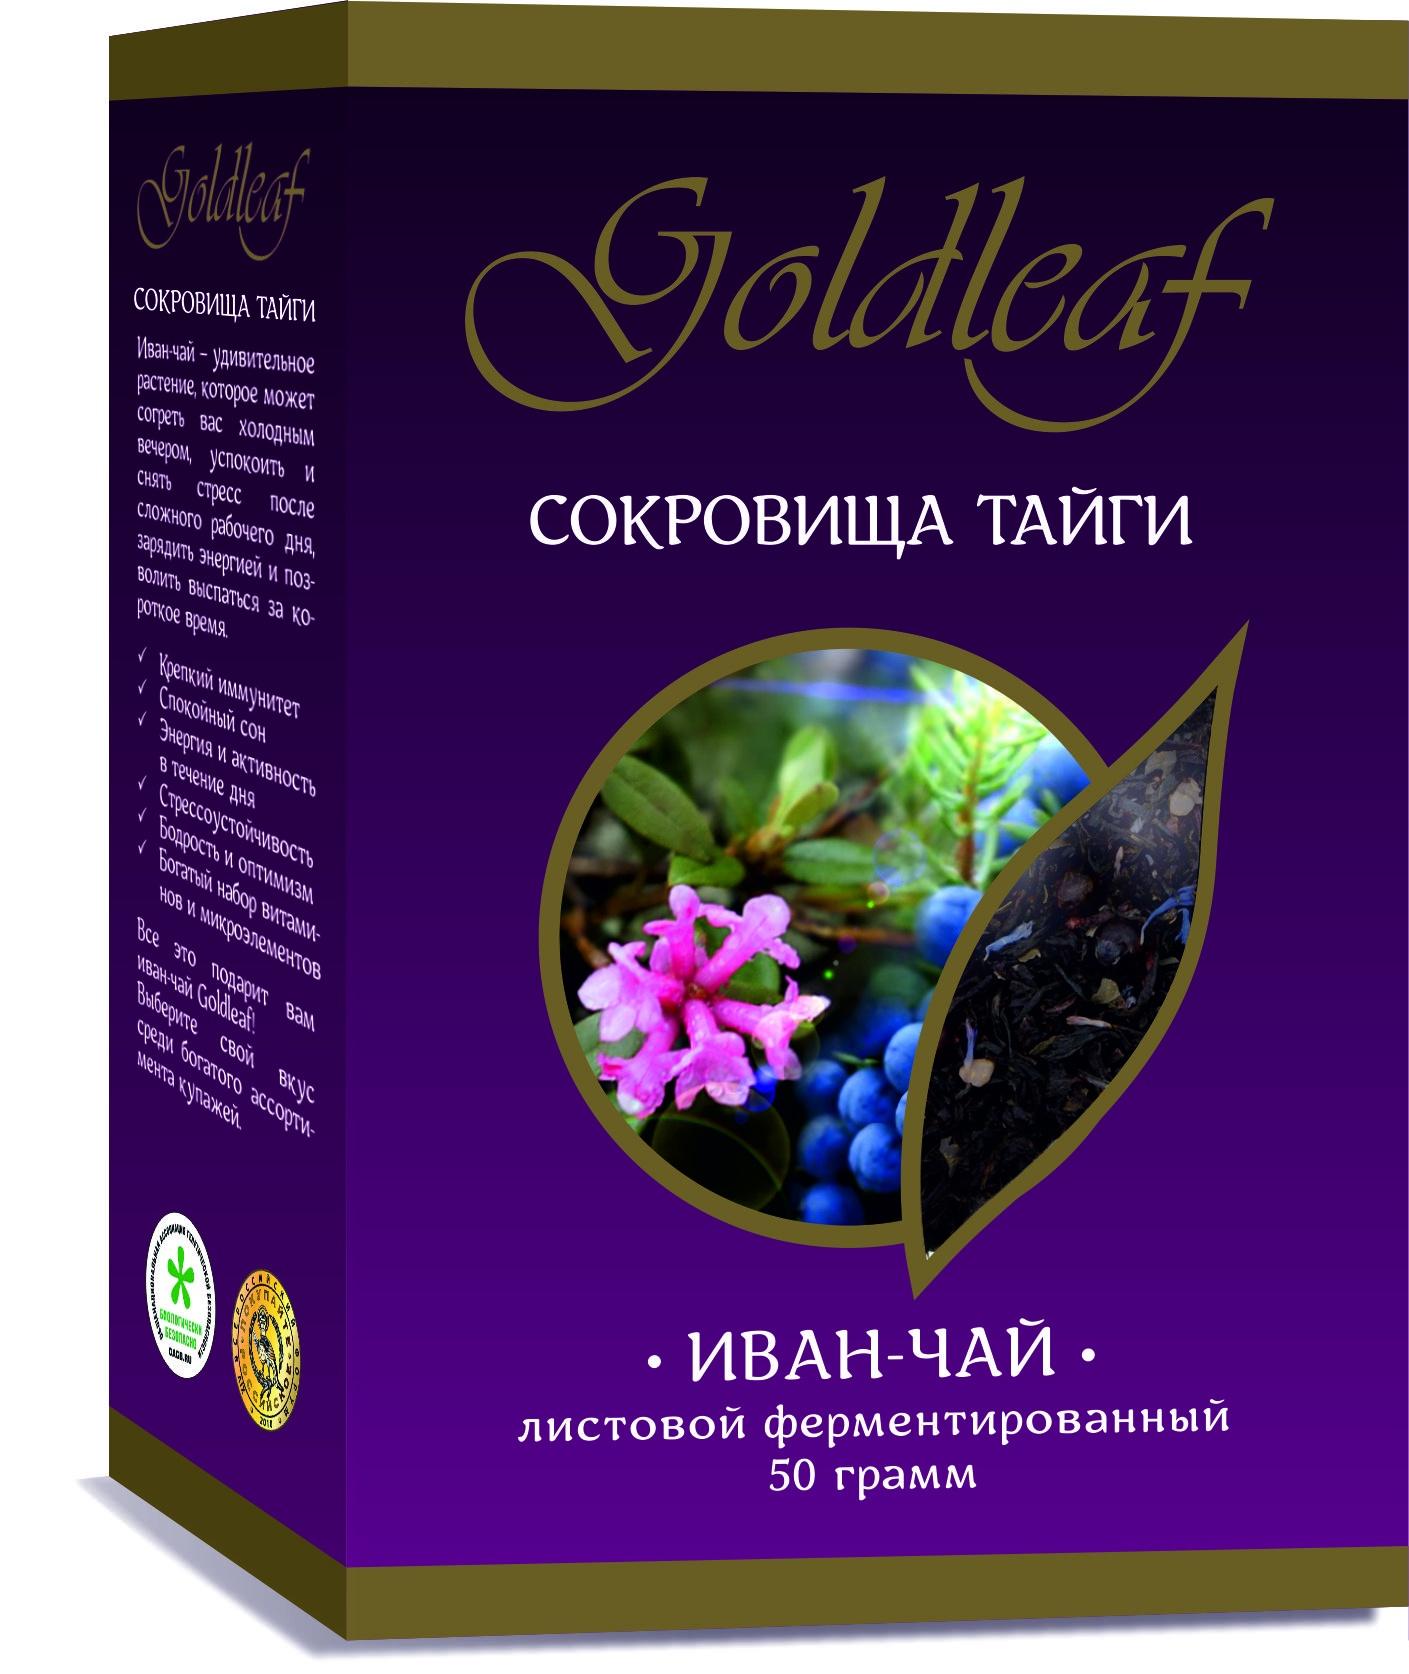 Иван-чай сокровища тайги